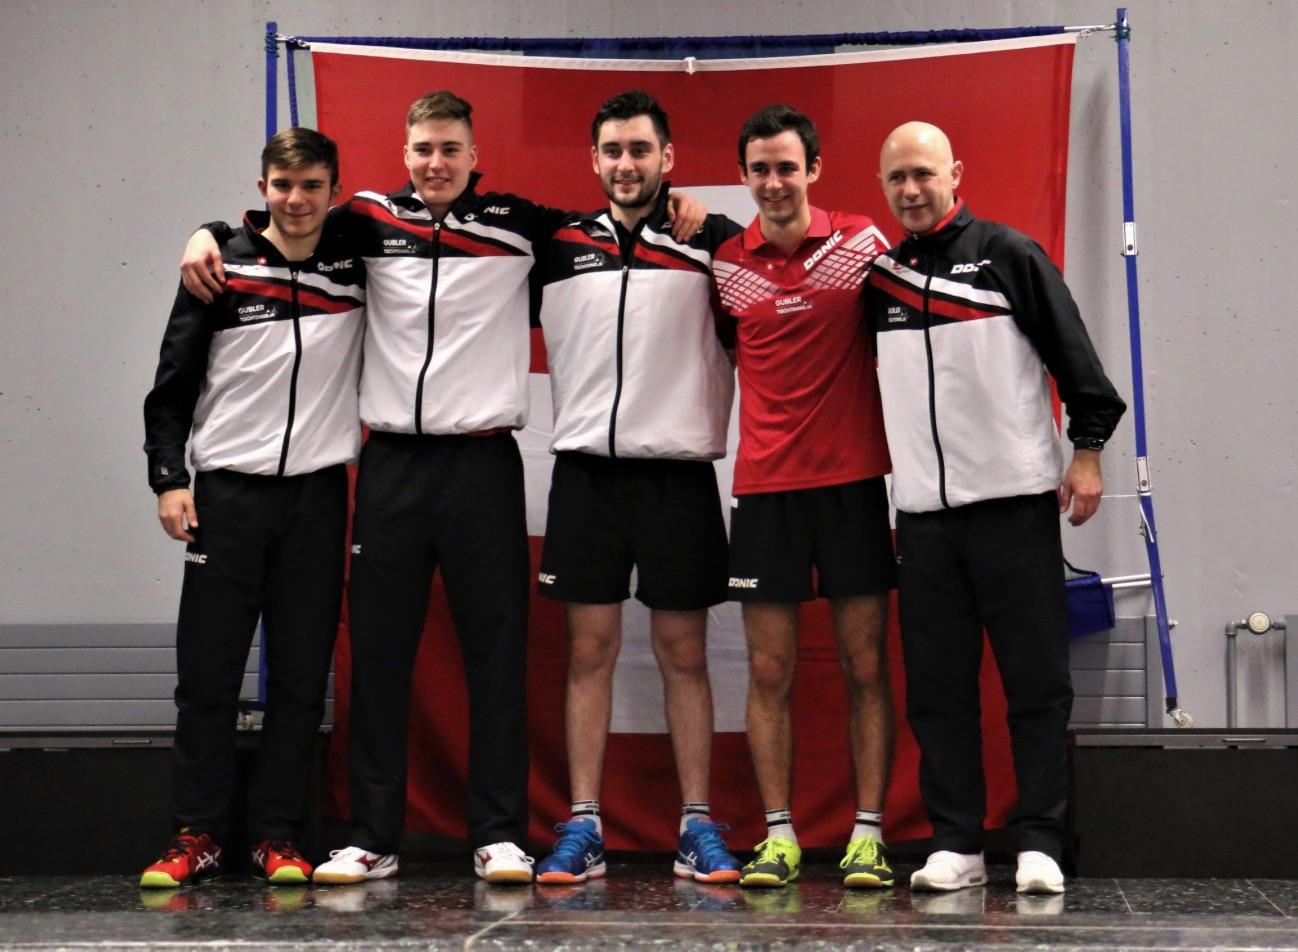 Die Schweizer Nationalmannschaft:Dorian Girod, Cédric Tschanz, Lars Posch, Lionel Weber und Trainer Samir Mulabdic (Foto: Jaques Troeder, Bericht: Swiss Table Tennis)